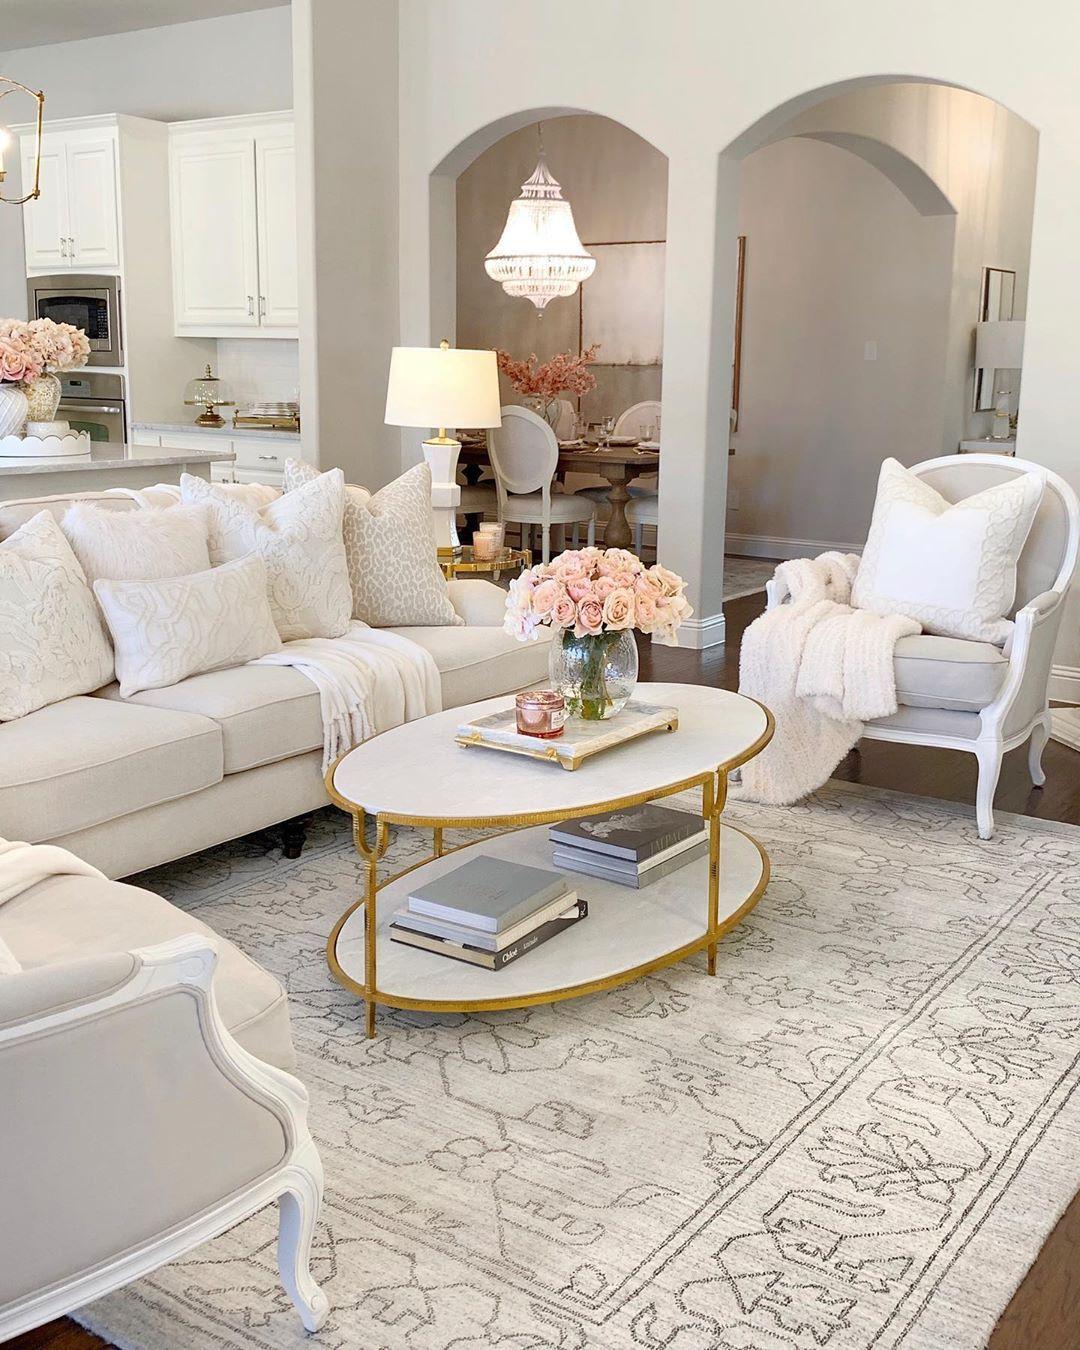 Glam Living Room Decor mit frischen rosa Rosen und weißem ovalen Couchtisch via @thedecordiet